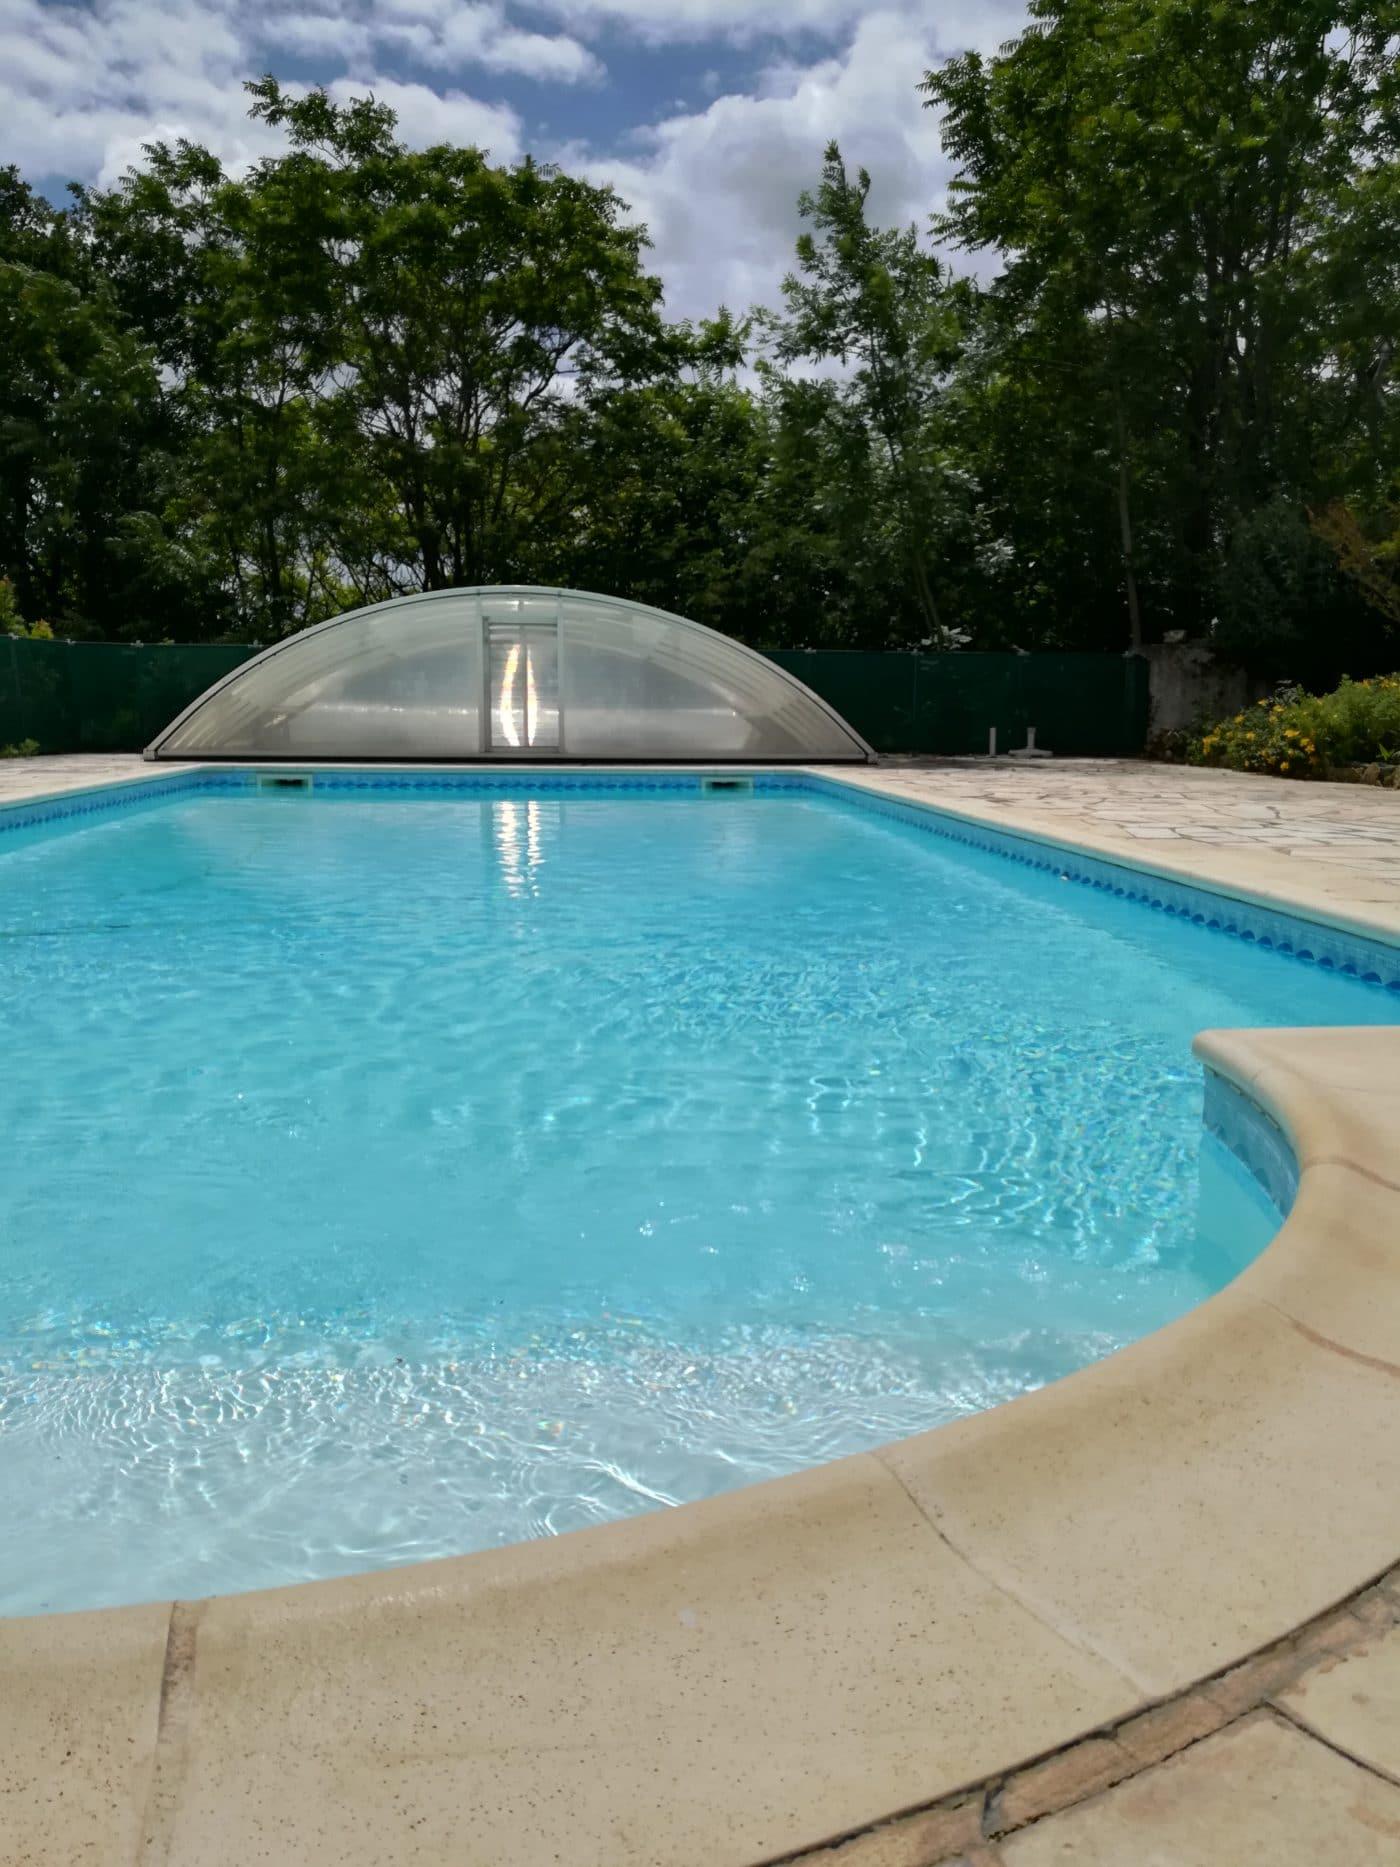 piscine lot dordogne détente famille